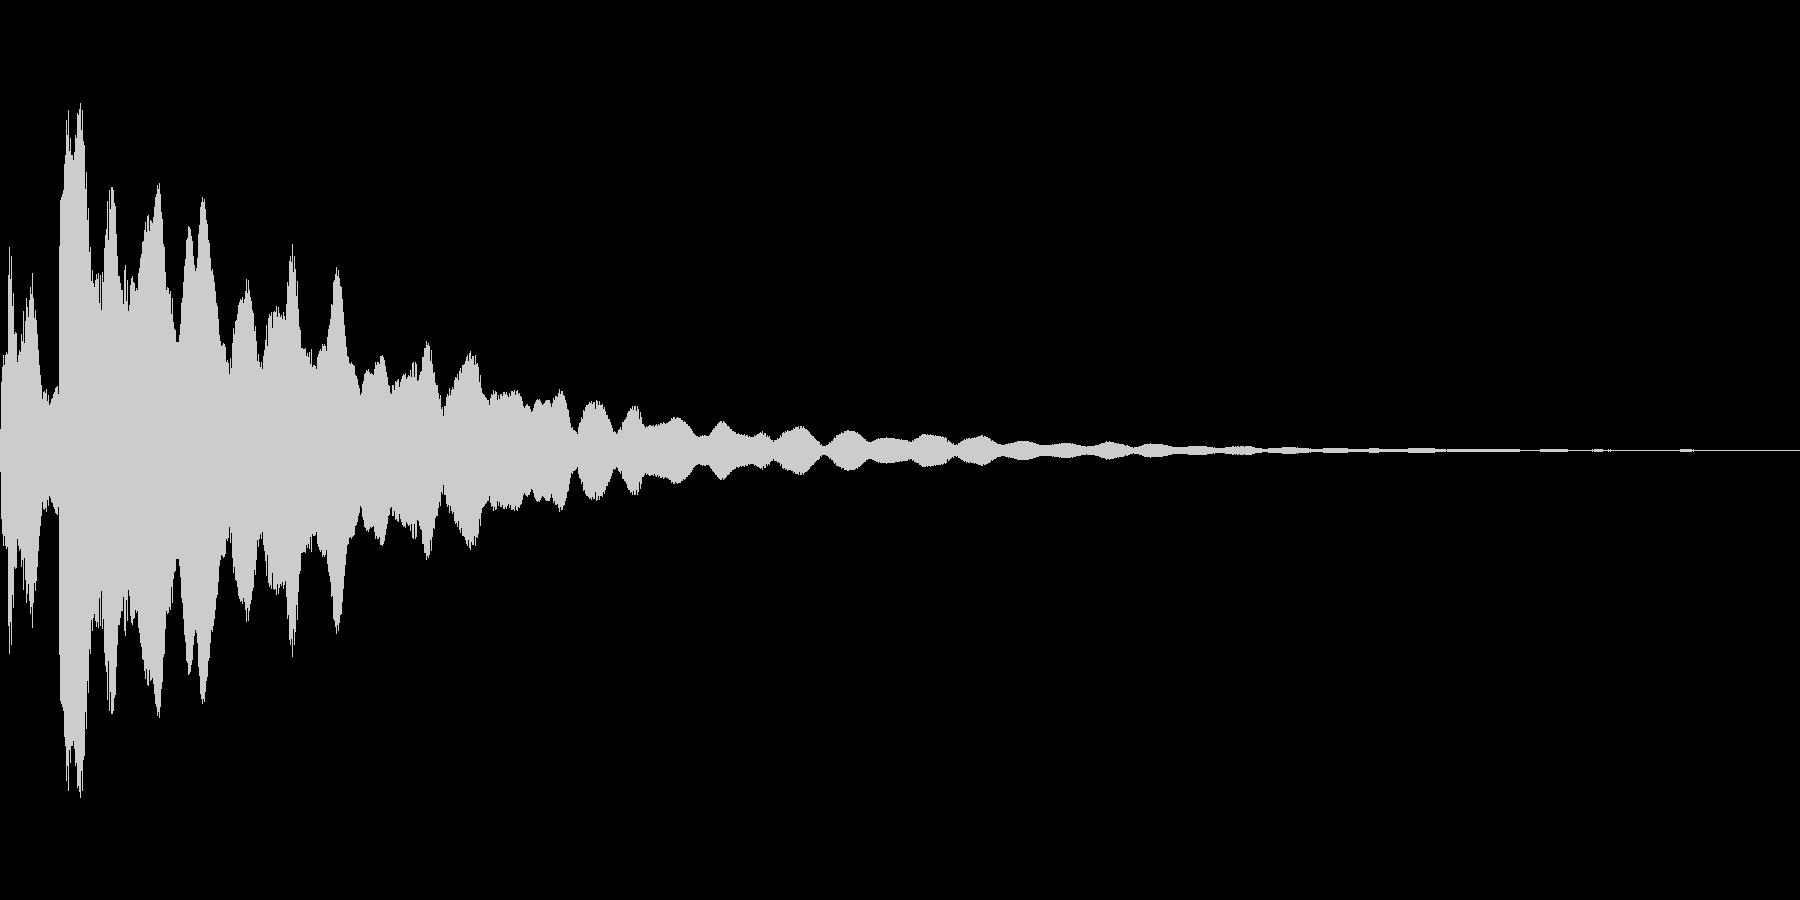 ピキーン(光などのきらめき音)の未再生の波形